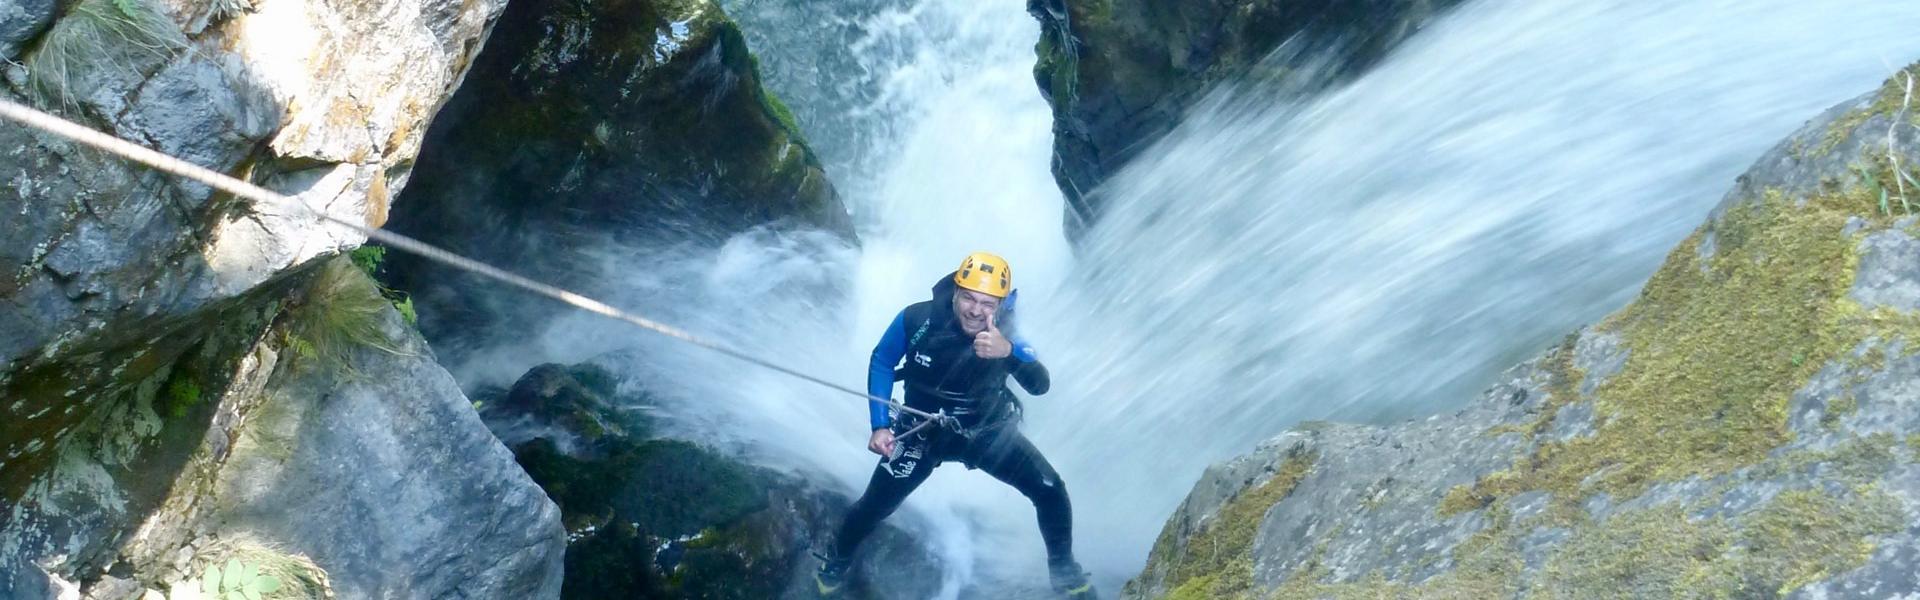 Canyon de Saugue dans les Hautes-Pyrénées